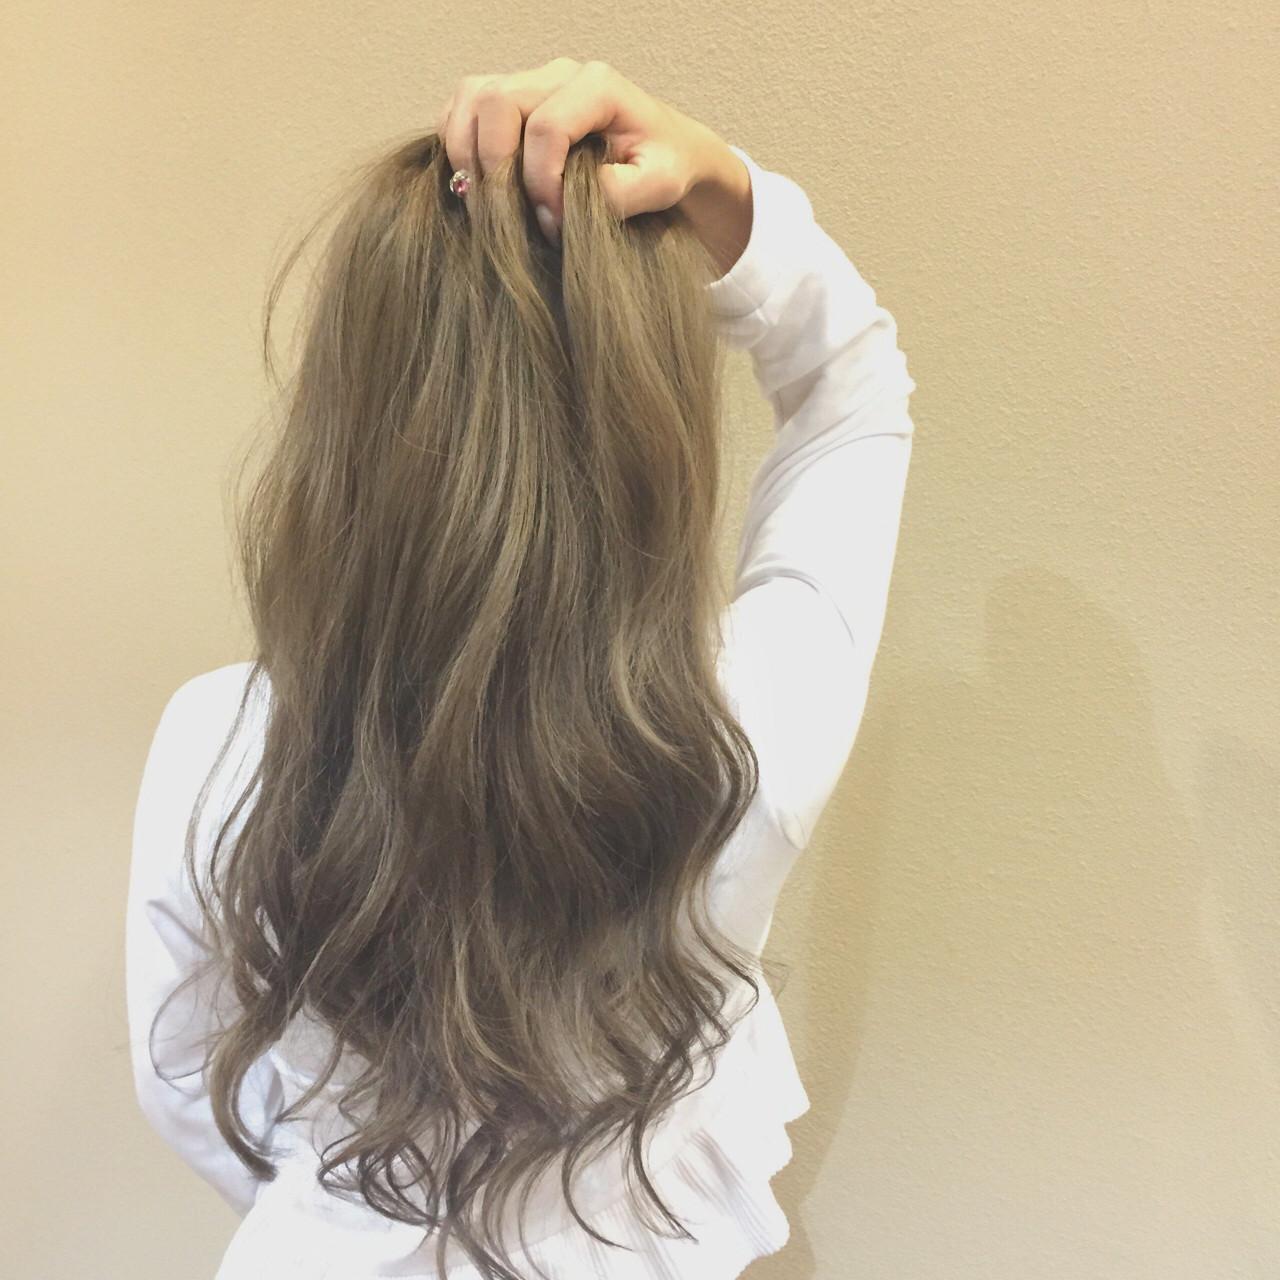 新色で灰白色の透け髪に。2016年春夏は「フレンチカラー」で決まり♪ 久保大紀 / natureJAPAN